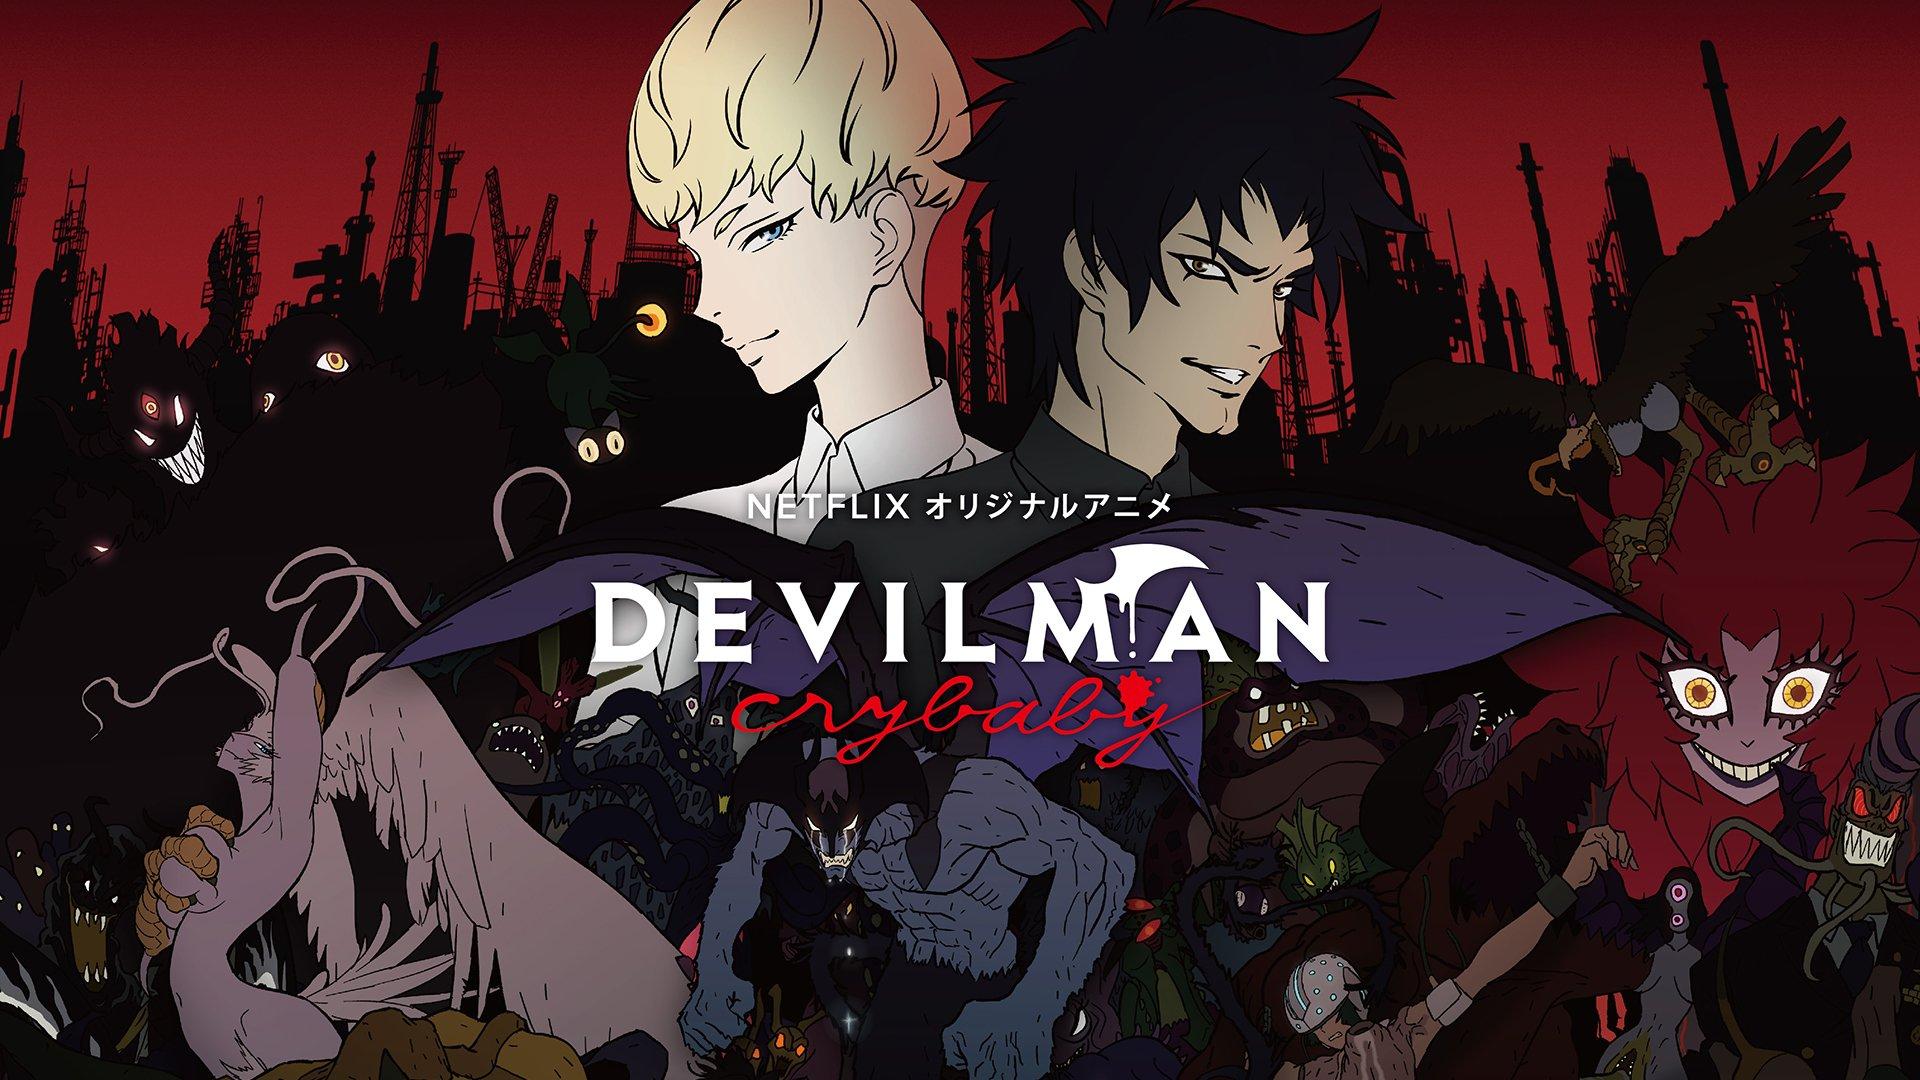 RECENSIONE Anime Devilman Crybaby